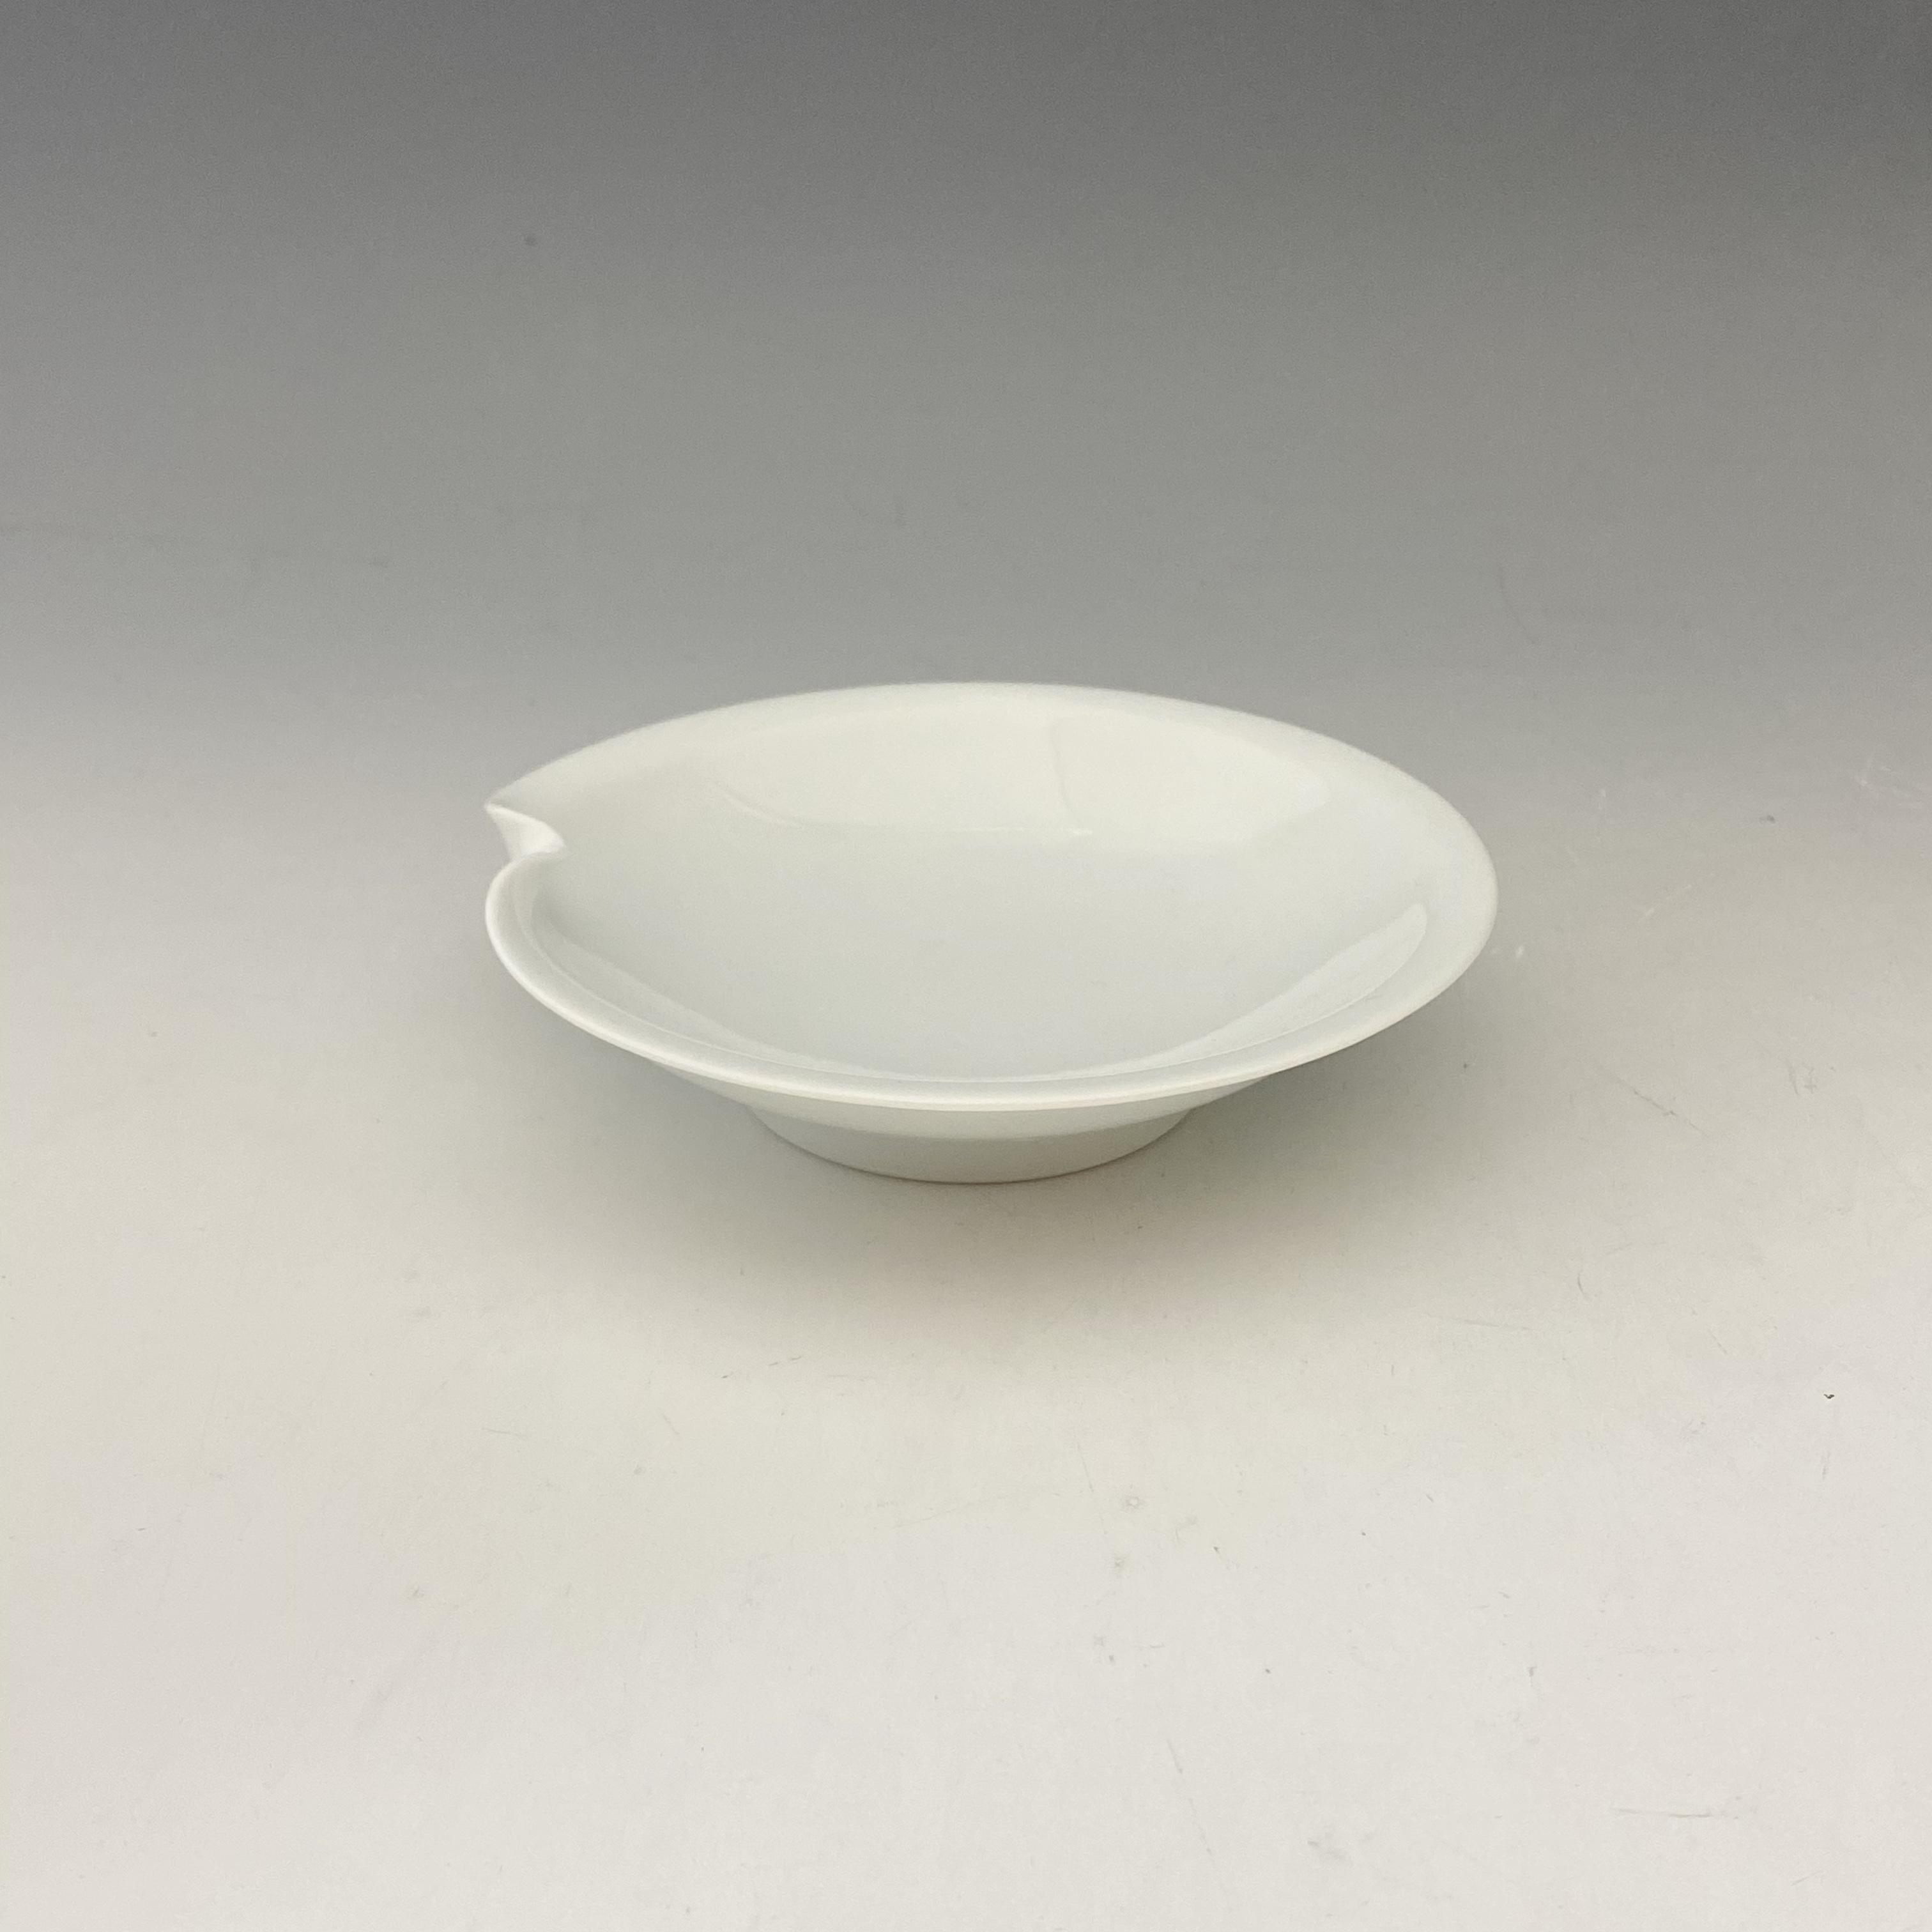 【中尾恭純】白磁一方押小皿